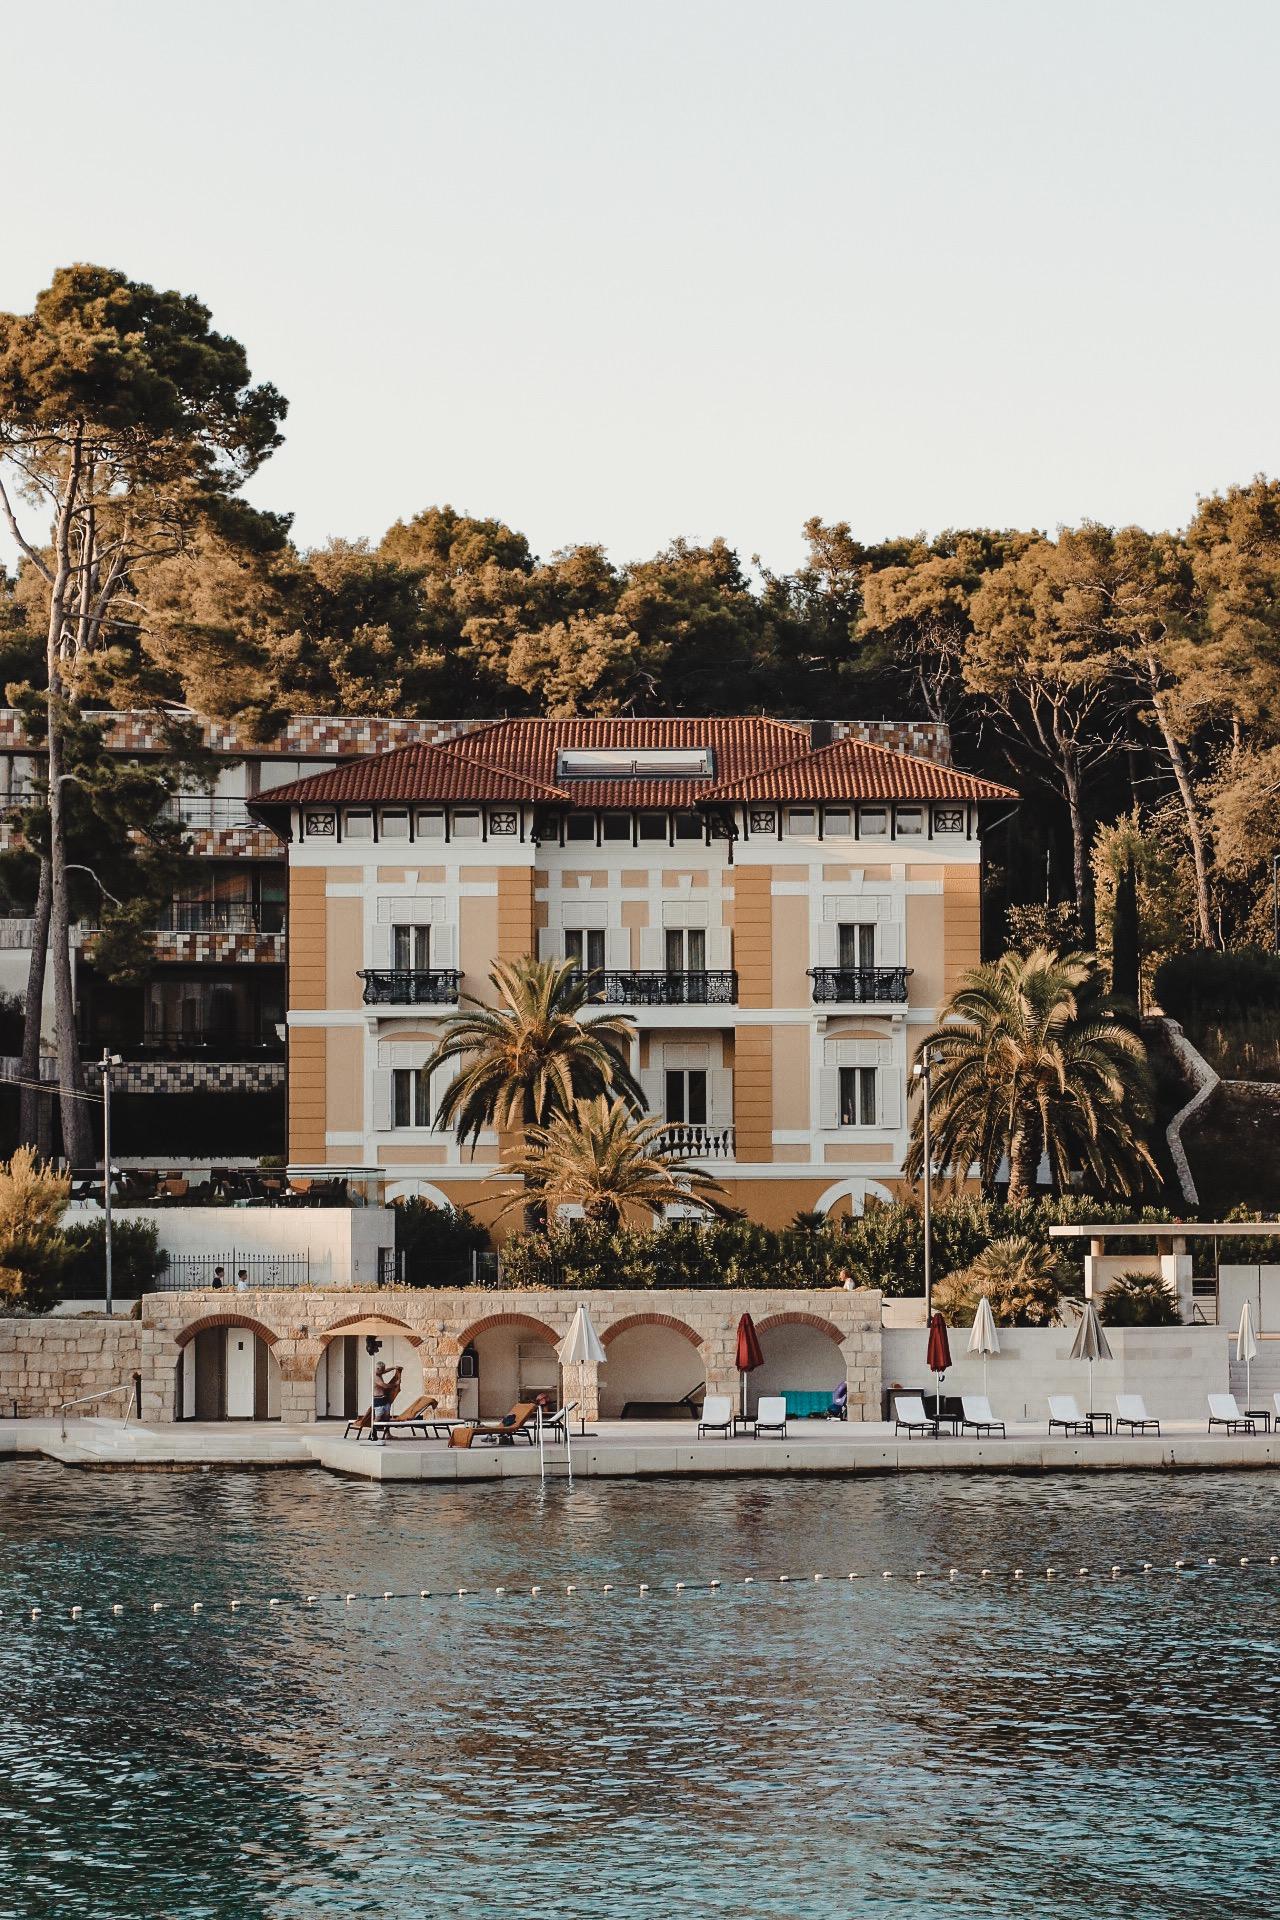 Lošinj Hotels & Villas Hotel Bellevue Hotel Allhambra Kroatien